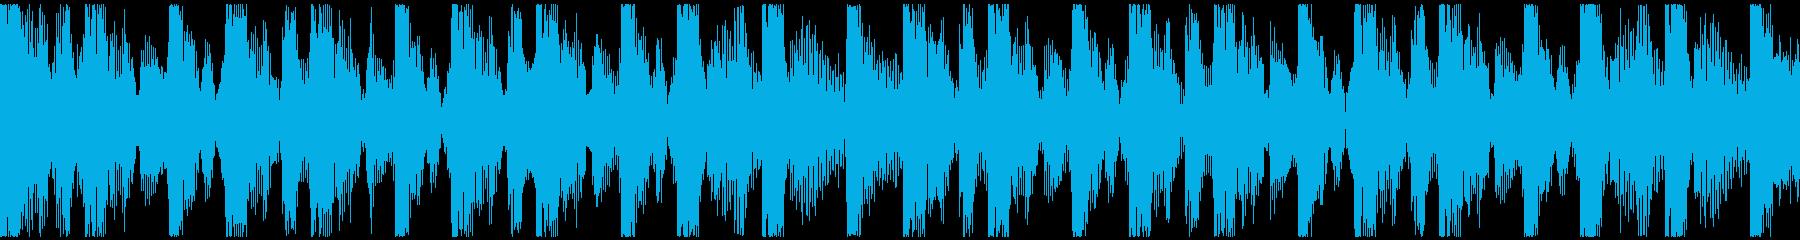 激しい・ダーク・エキサイティング短ループの再生済みの波形